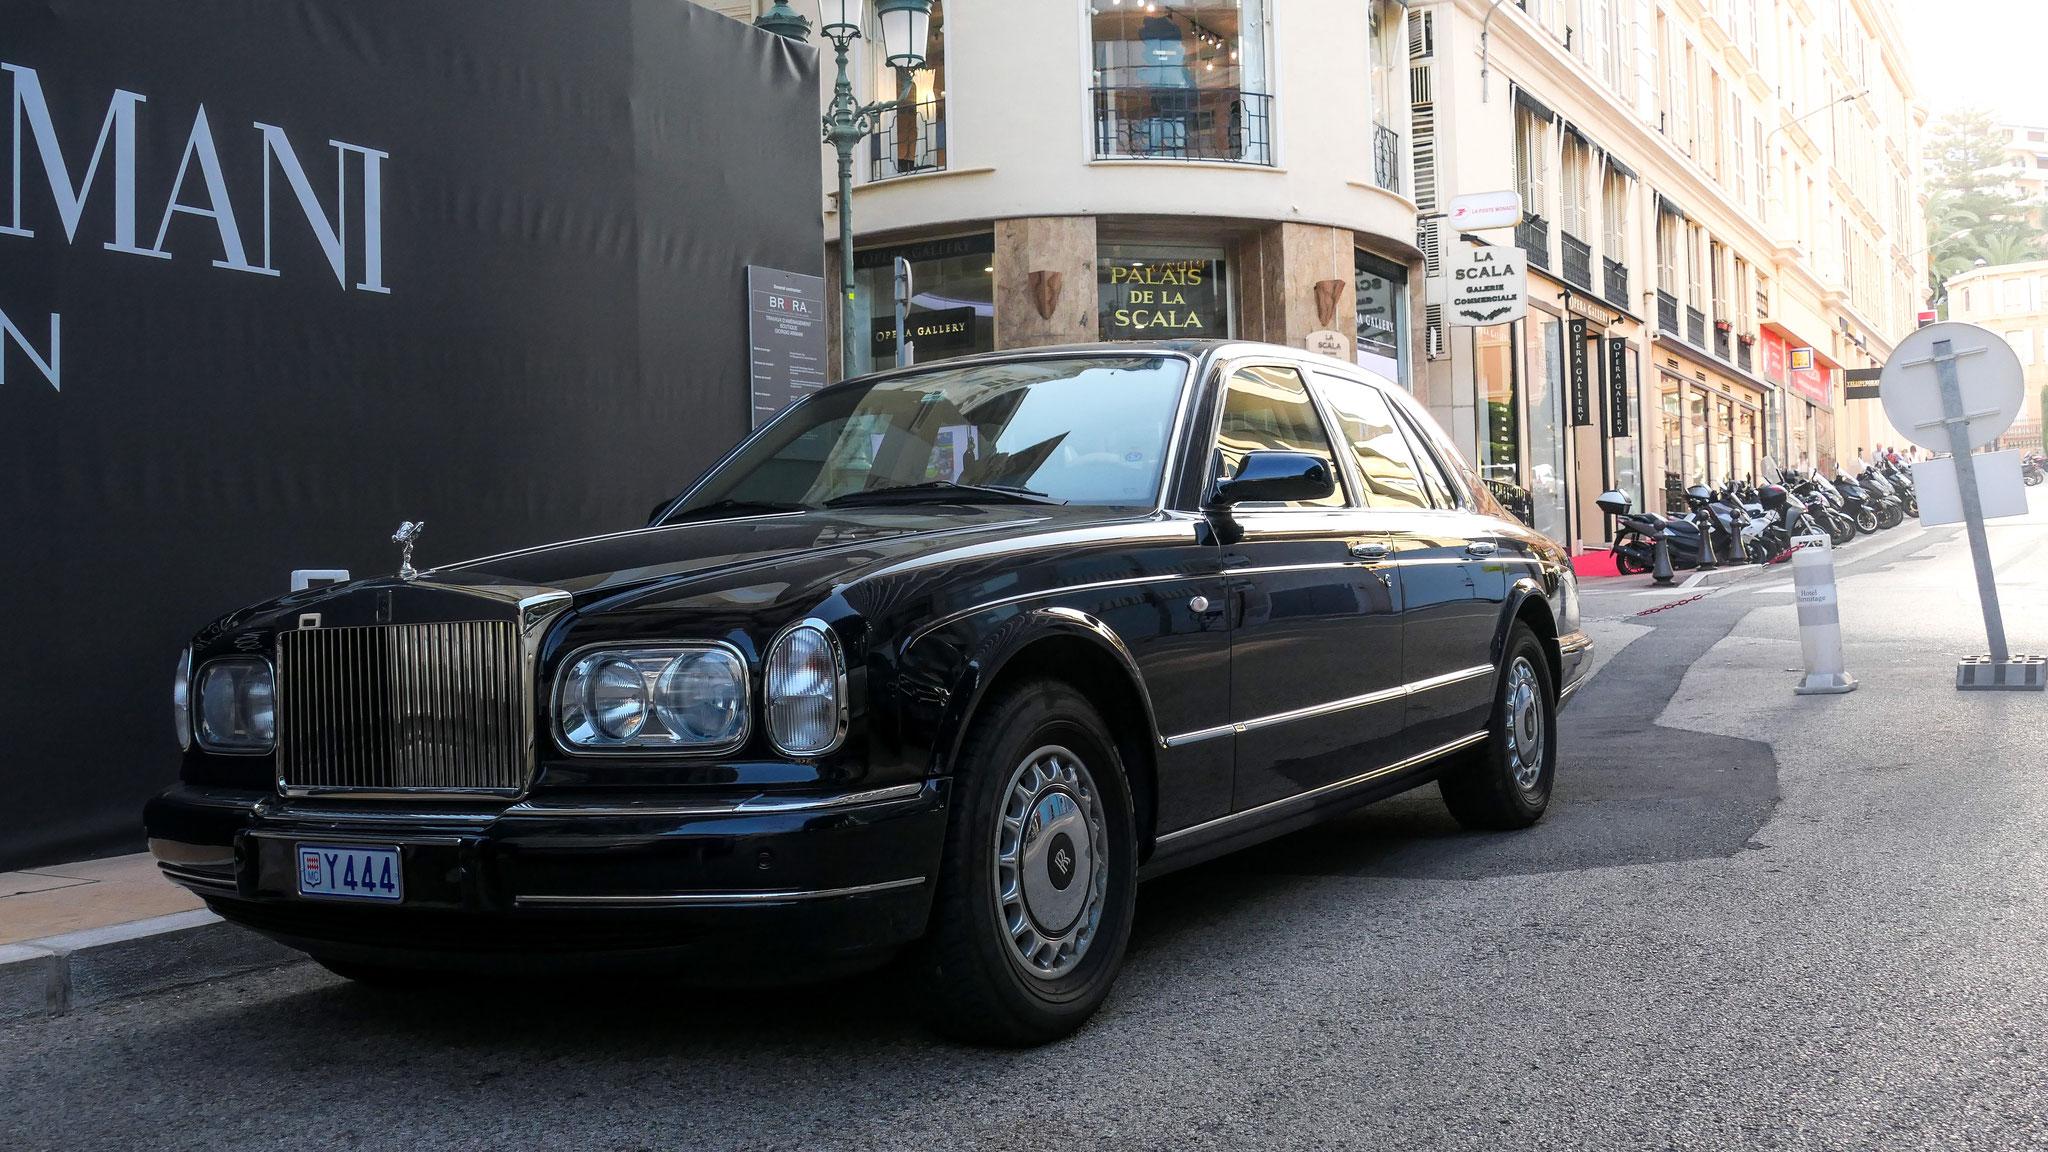 Rolls Royce Silver Seraph - Y444 (MC)